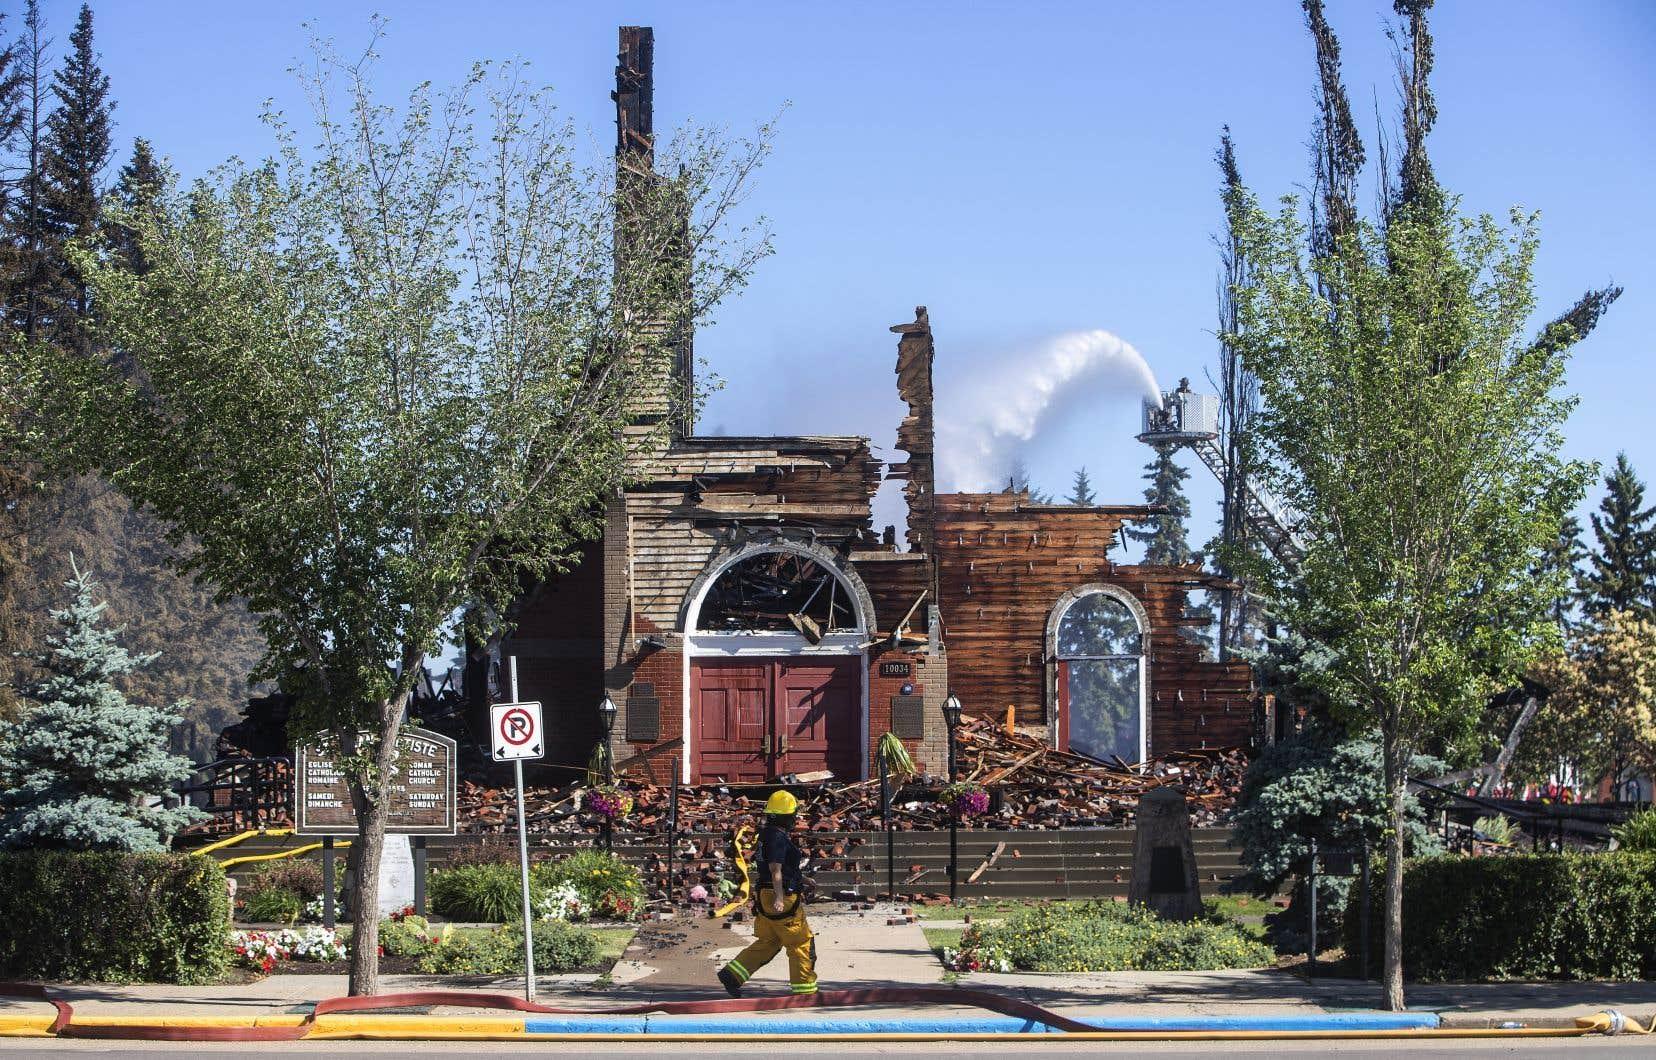 À l'église paroissiale Saint-Jean-Baptiste, à Morinville, le brasier était si intense que les pompiers n'avaient pas pu entrer dans le bâtiment et que le toit s'était effondré peu de temps après, selon le directeur général des infrastructures et des services communautaires de Morinville.